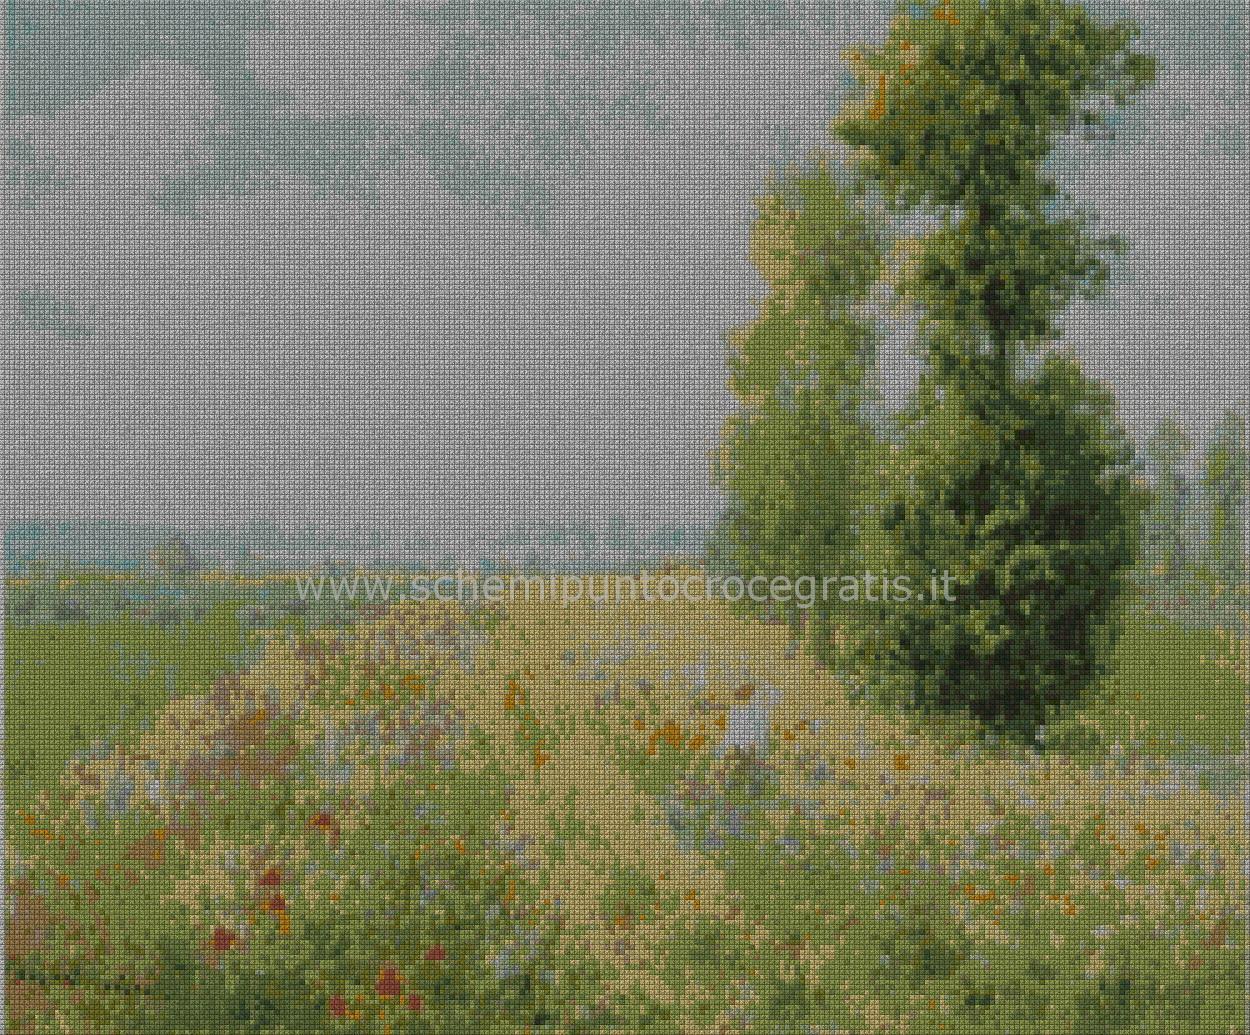 pittori_moderni/monet/Monet01.jpg